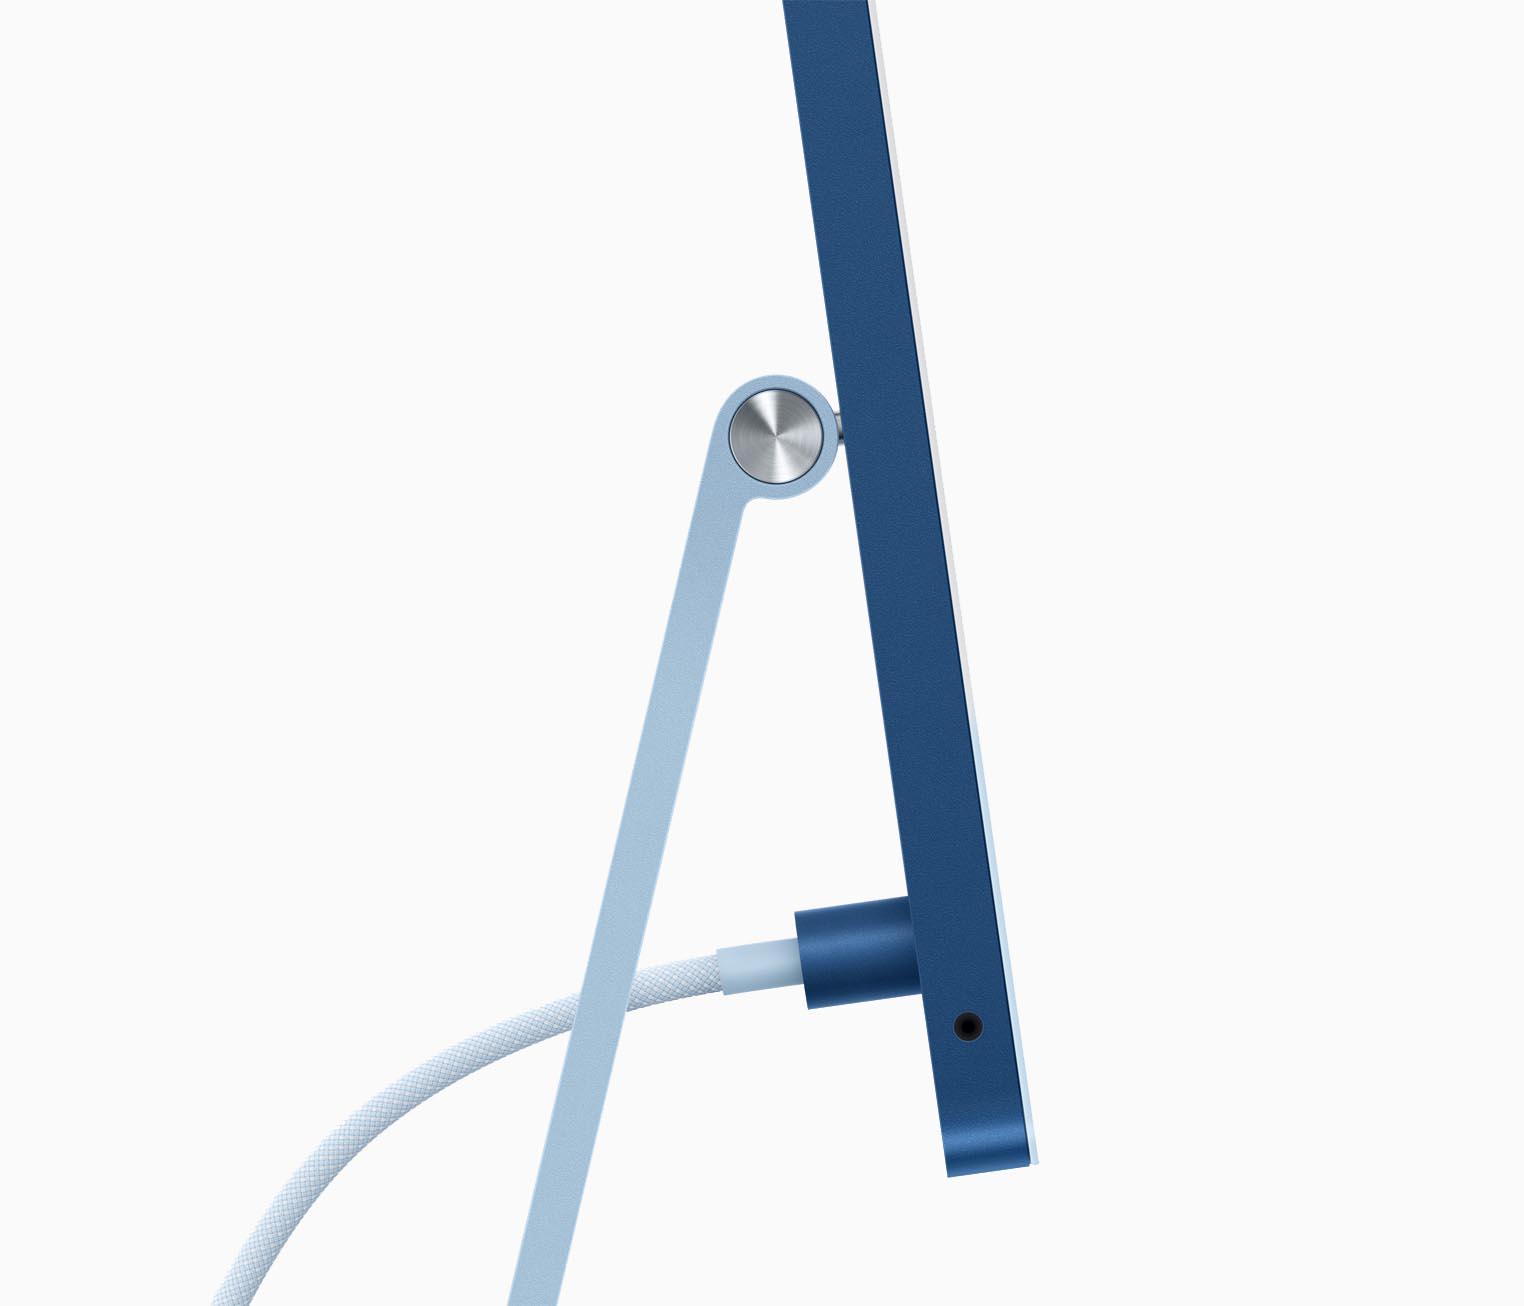 iMac M1 connecteur alimentation